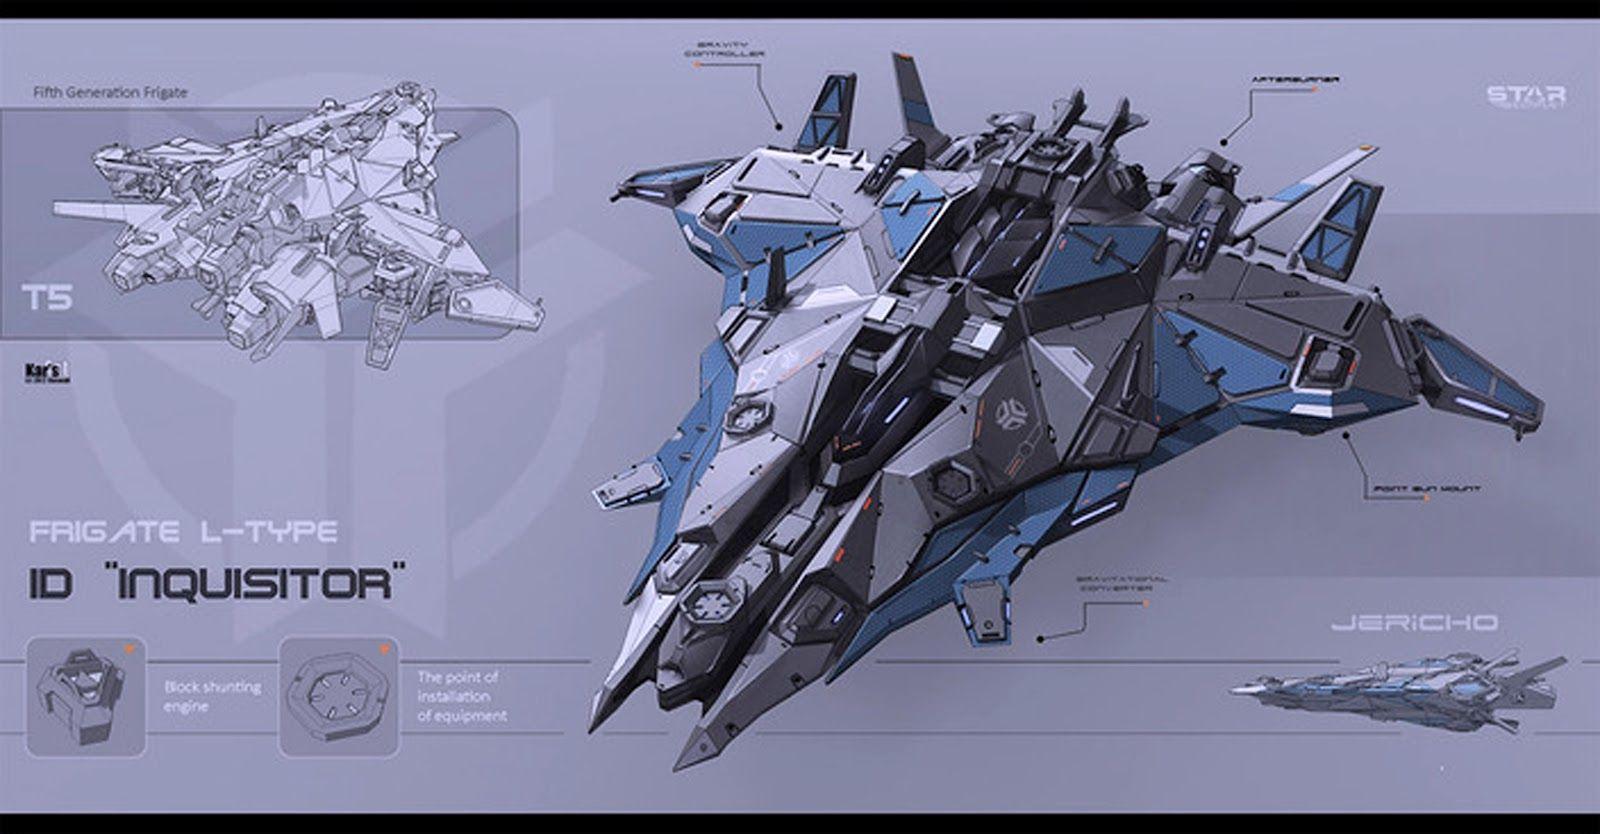 Futuristic+sci+fi+Spaceship+fighter+jet+comber+frigate ...